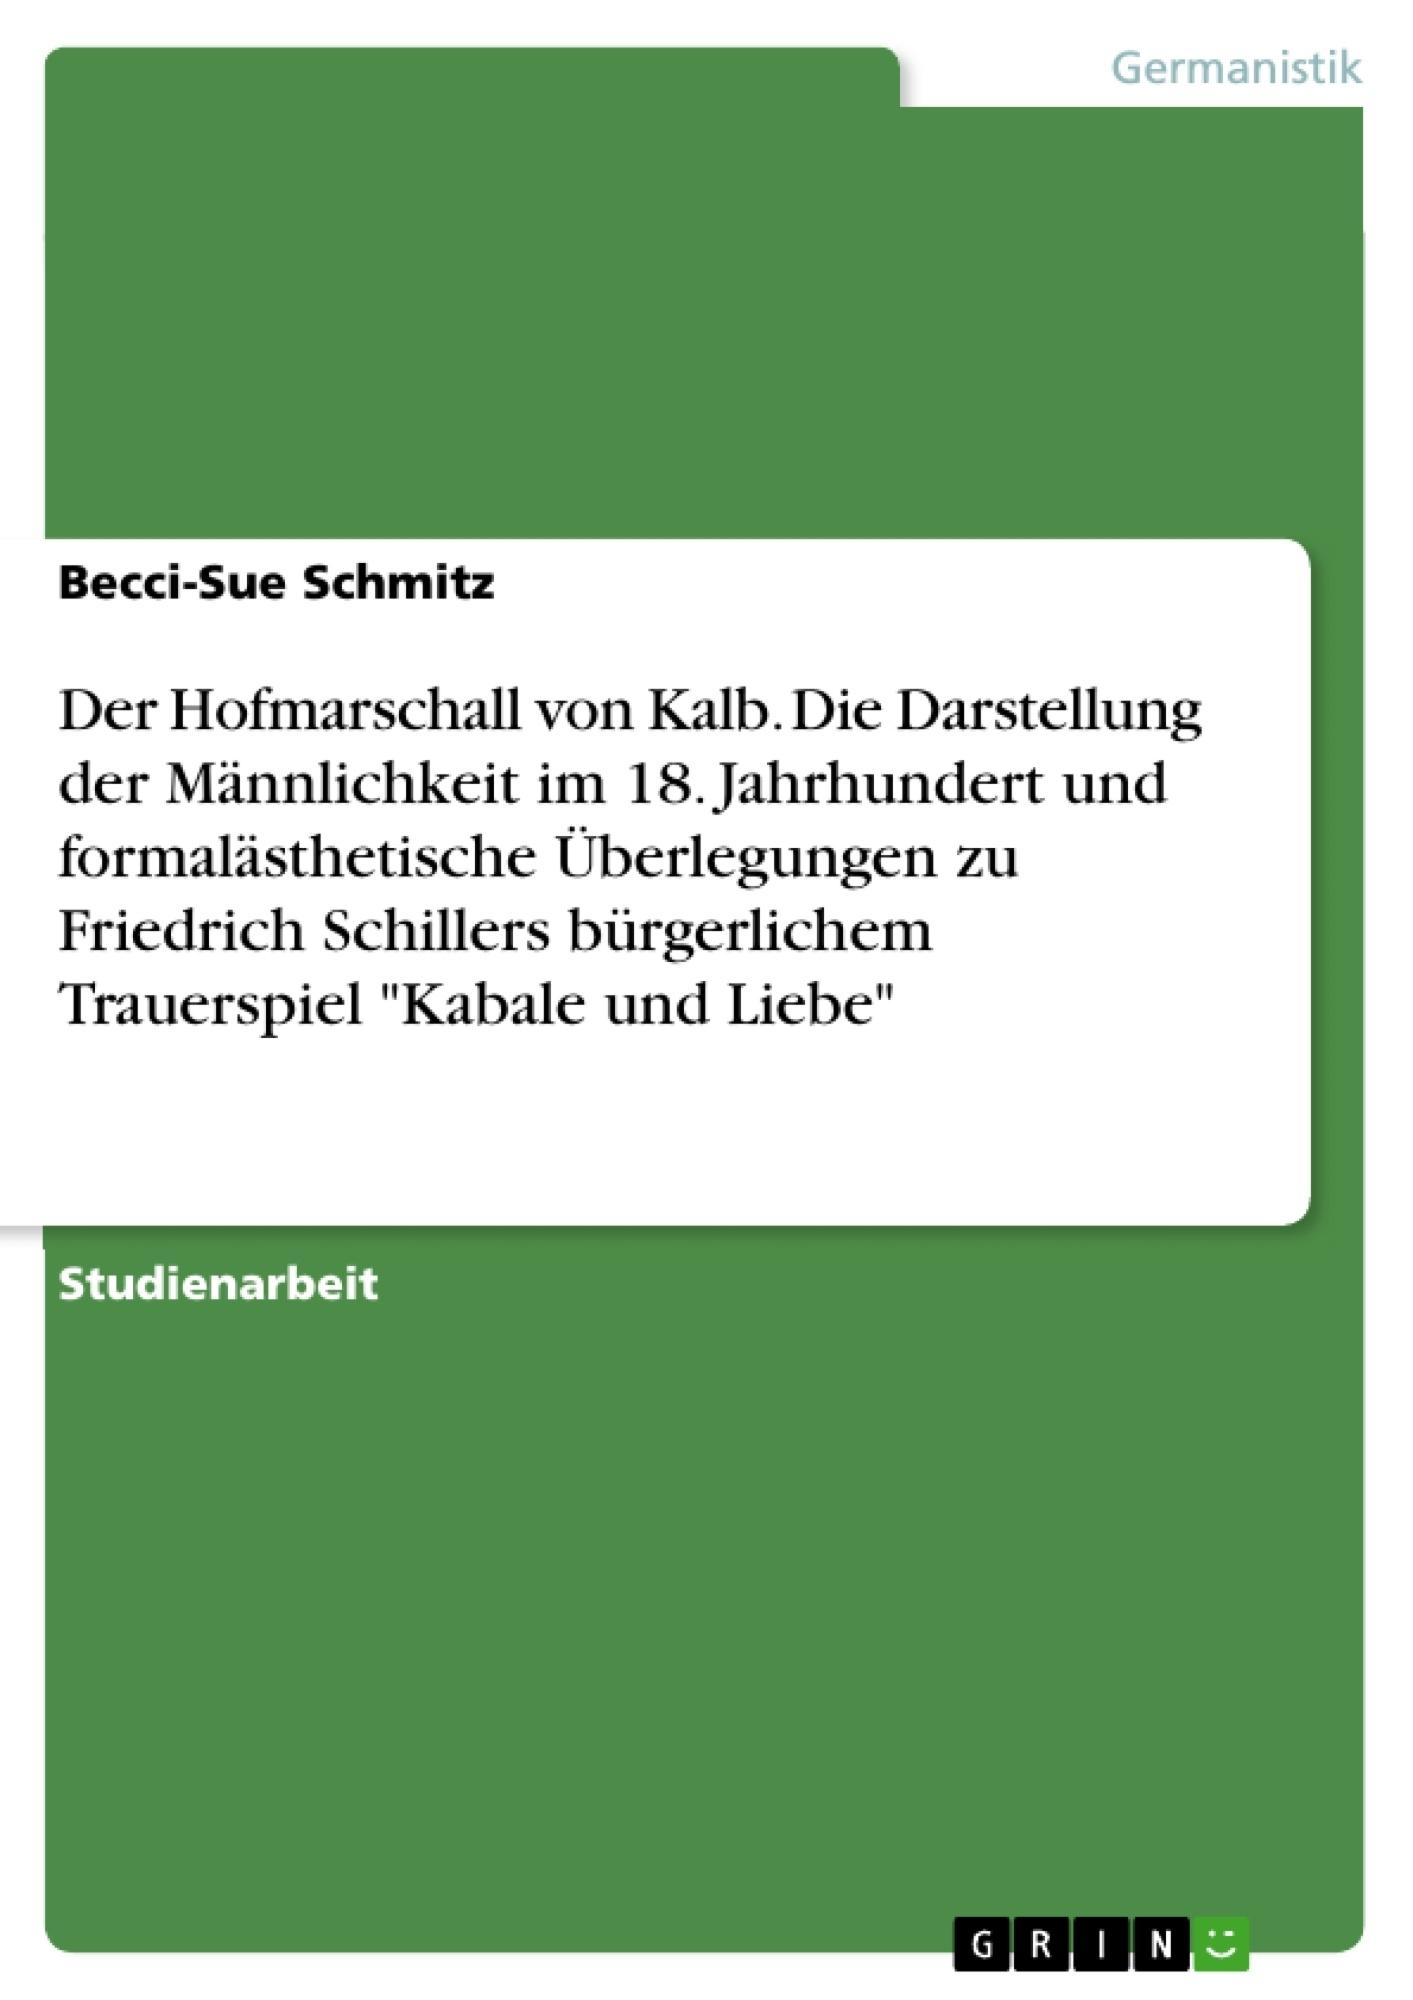 """Titel: Der Hofmarschall von Kalb. Die Darstellung der Männlichkeit im 18. Jahrhundert und formalästhetische Überlegungen zu Friedrich Schillers bürgerlichem Trauerspiel """"Kabale und Liebe"""""""